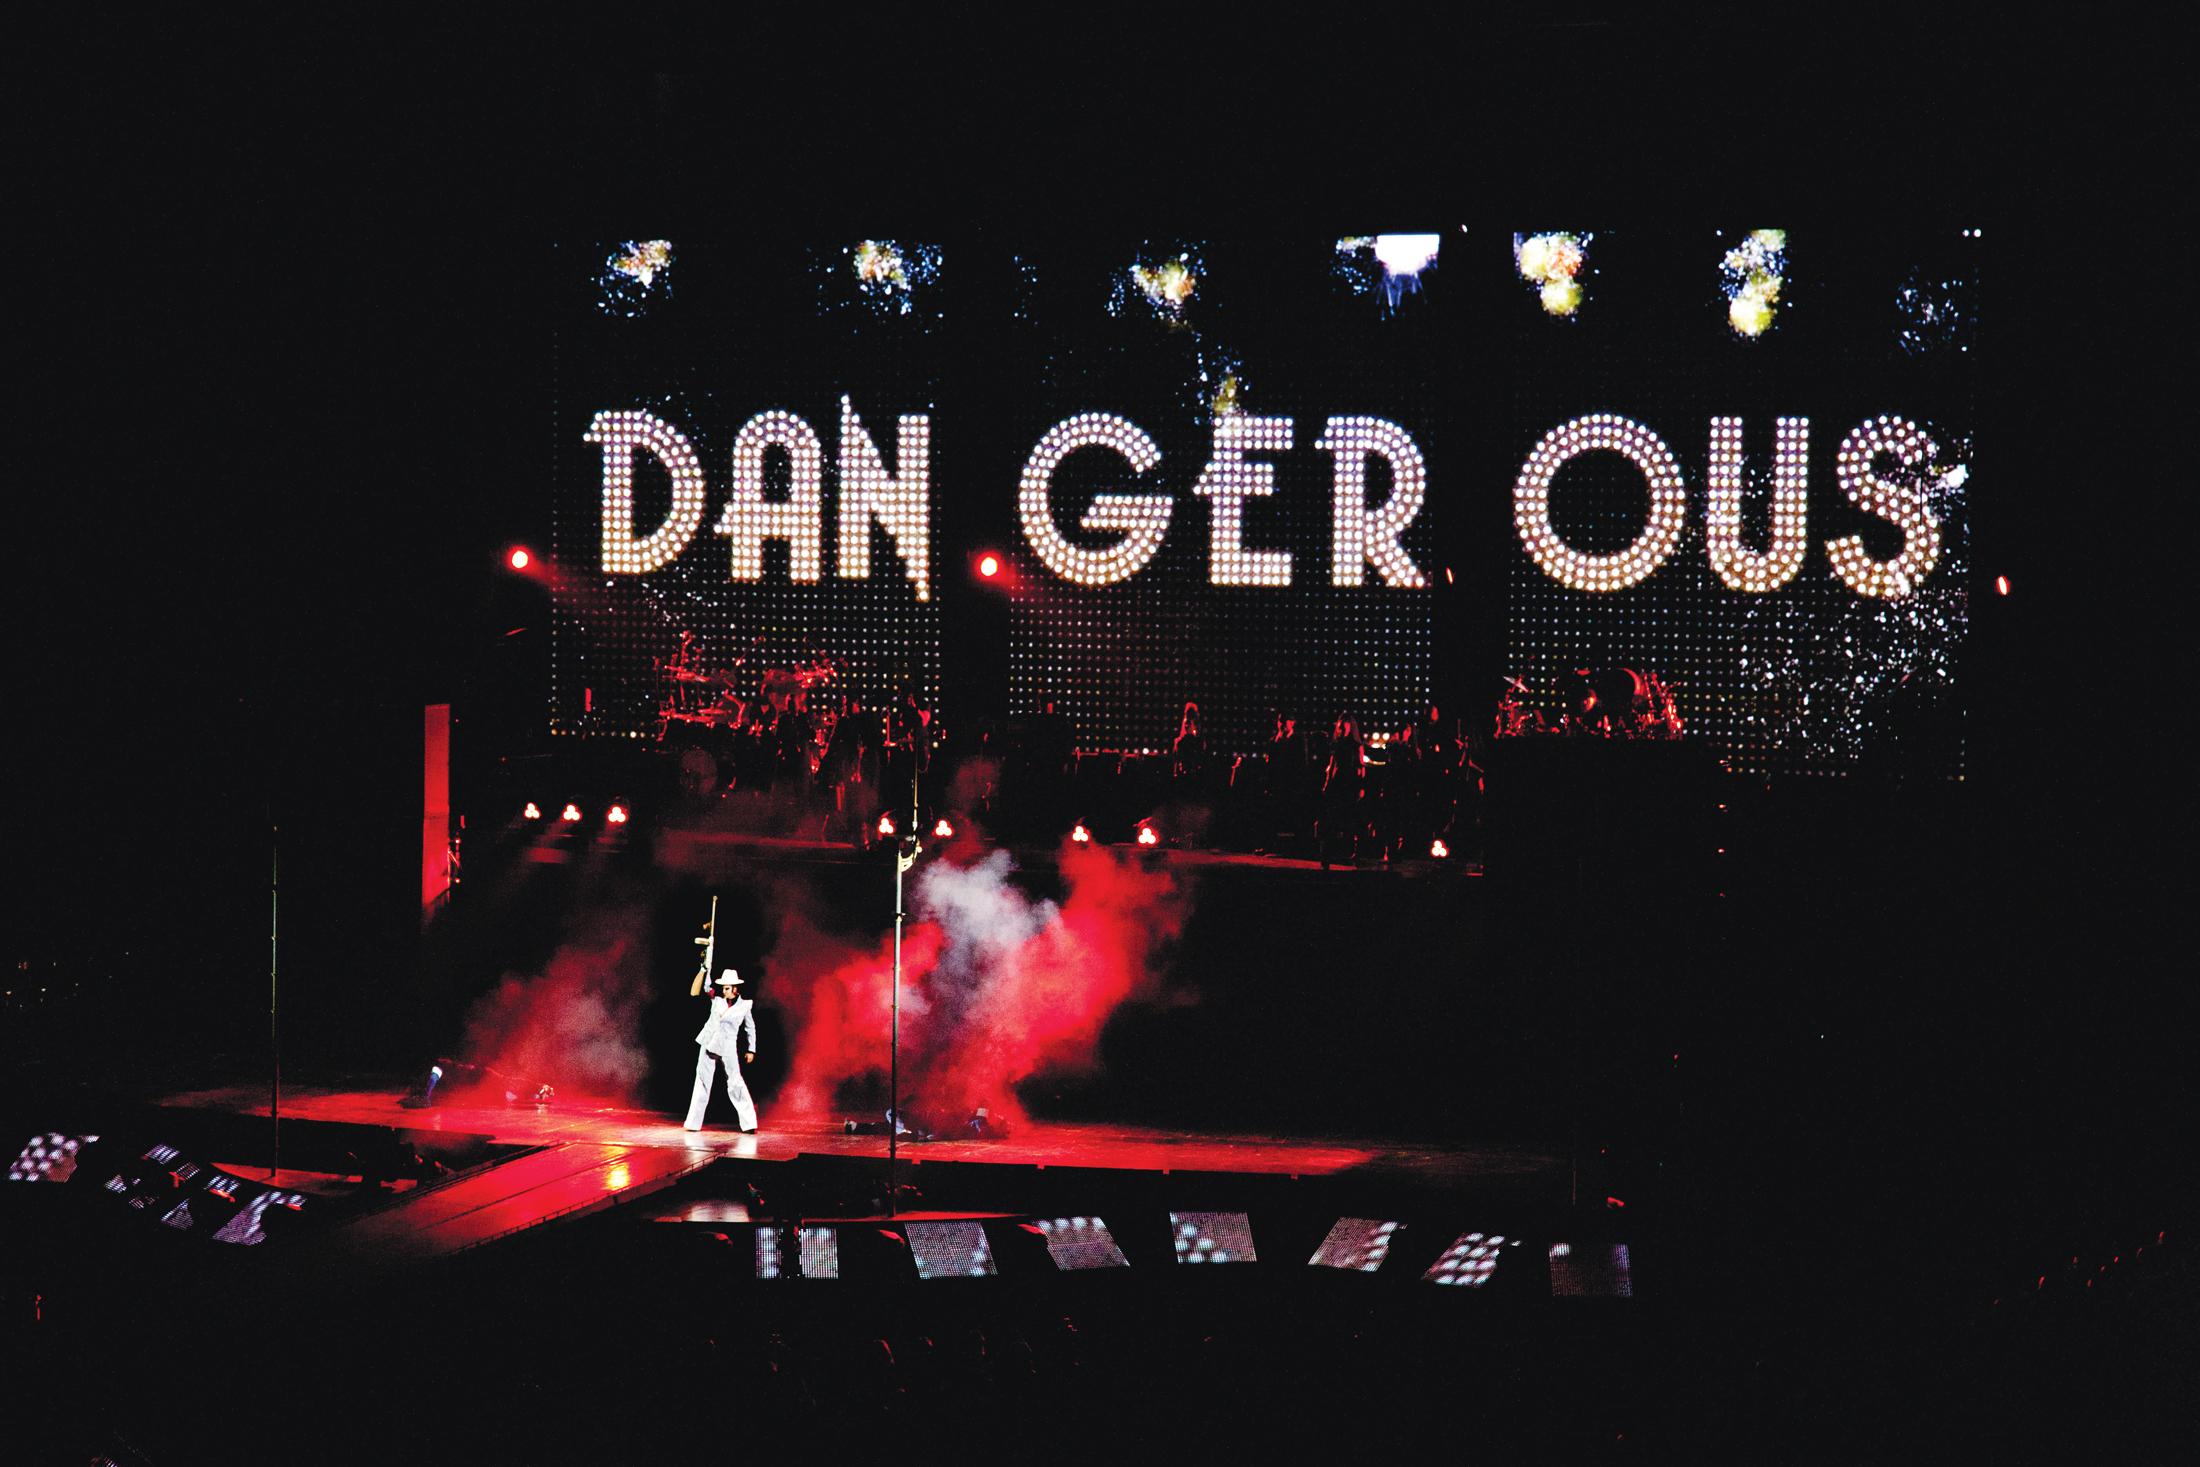 Dangerous Cirque du Soleil Michael Jackson